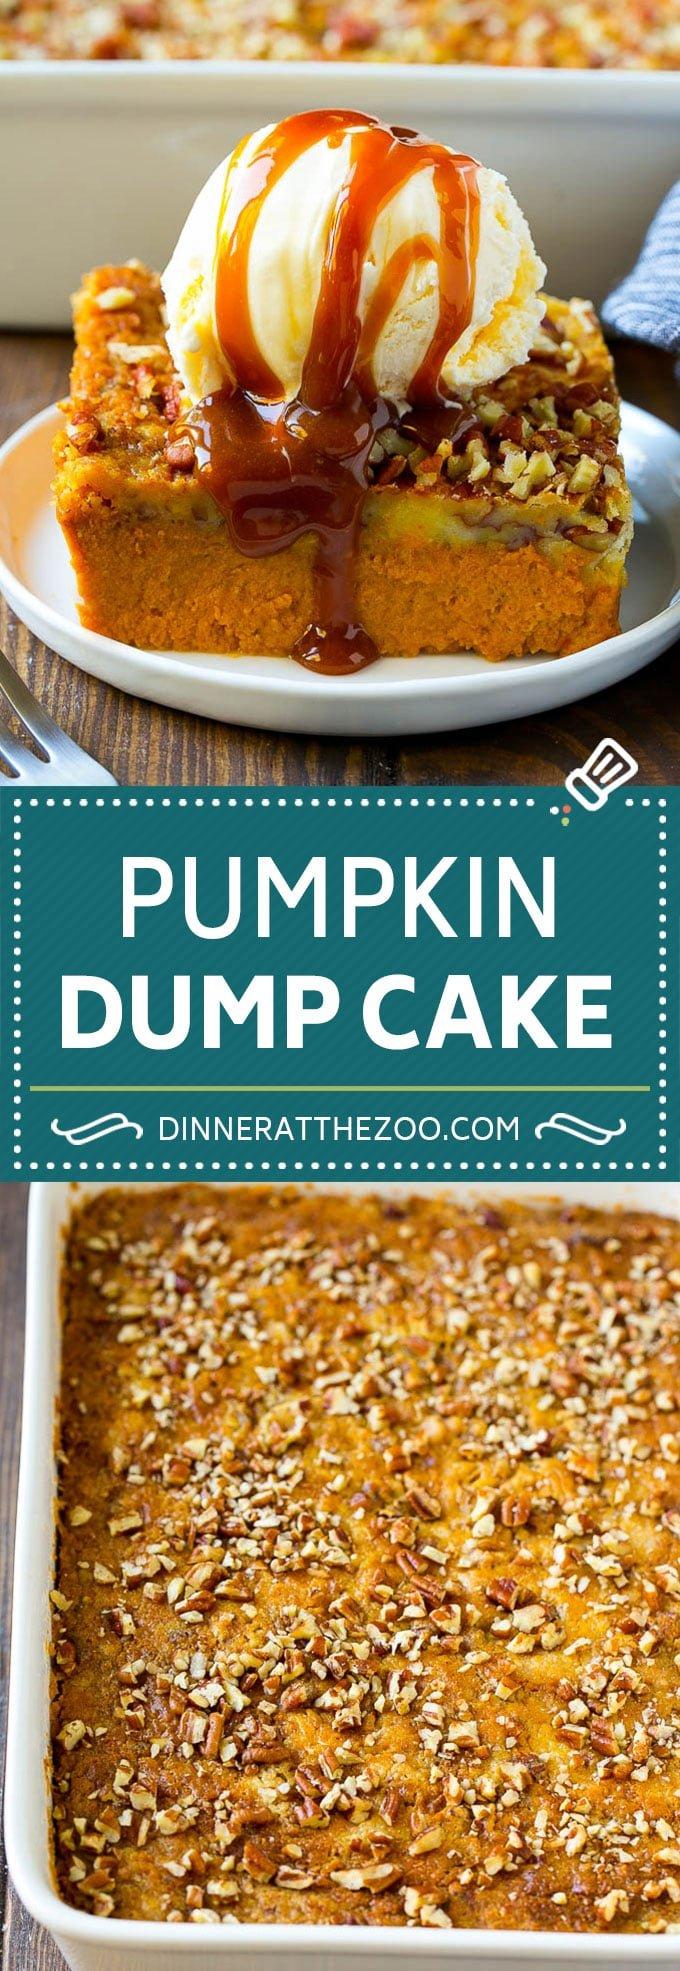 Pumpkin Dump Cake Recipe | Pumpkin Cake | Pumpkin Pie Cake #pumpkin #cake #pecans #fall #thanksgiving #dessert #dinneratthezoo